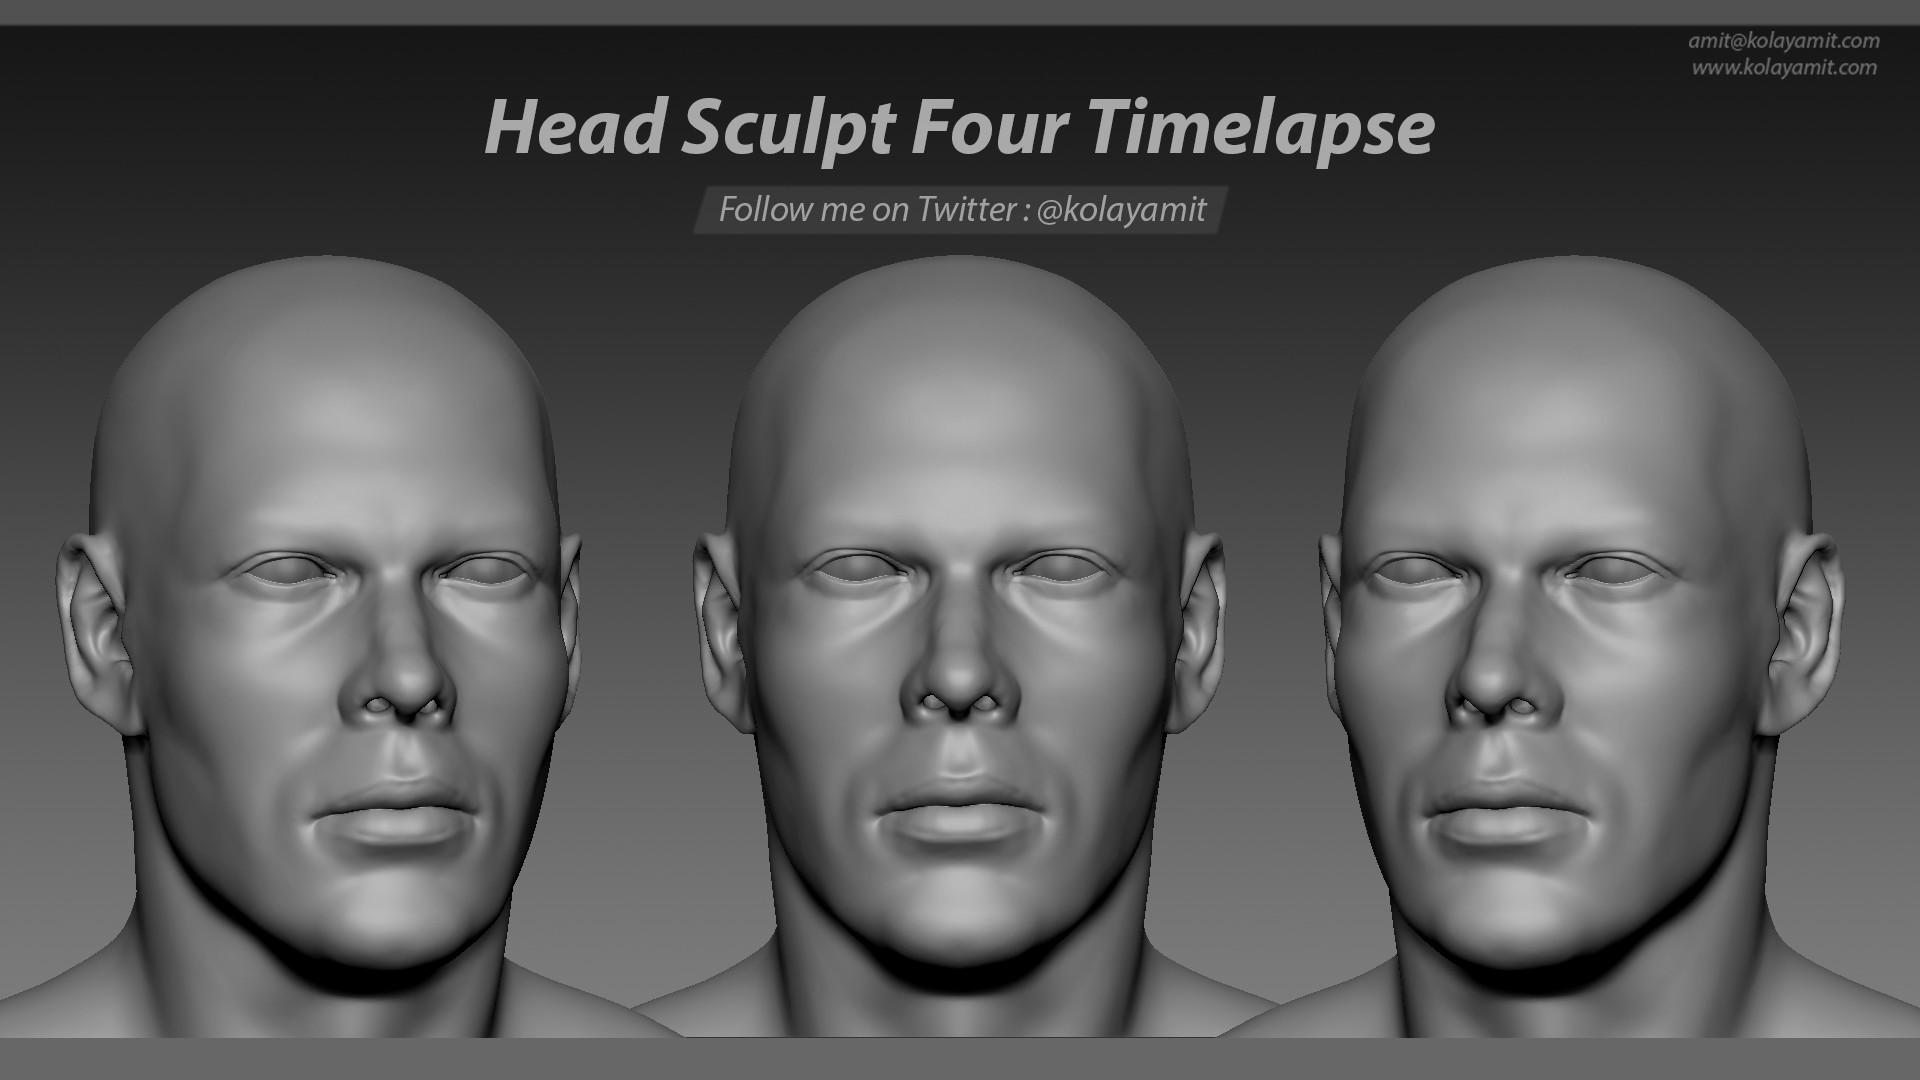 Head Sculpt Four Timelapse